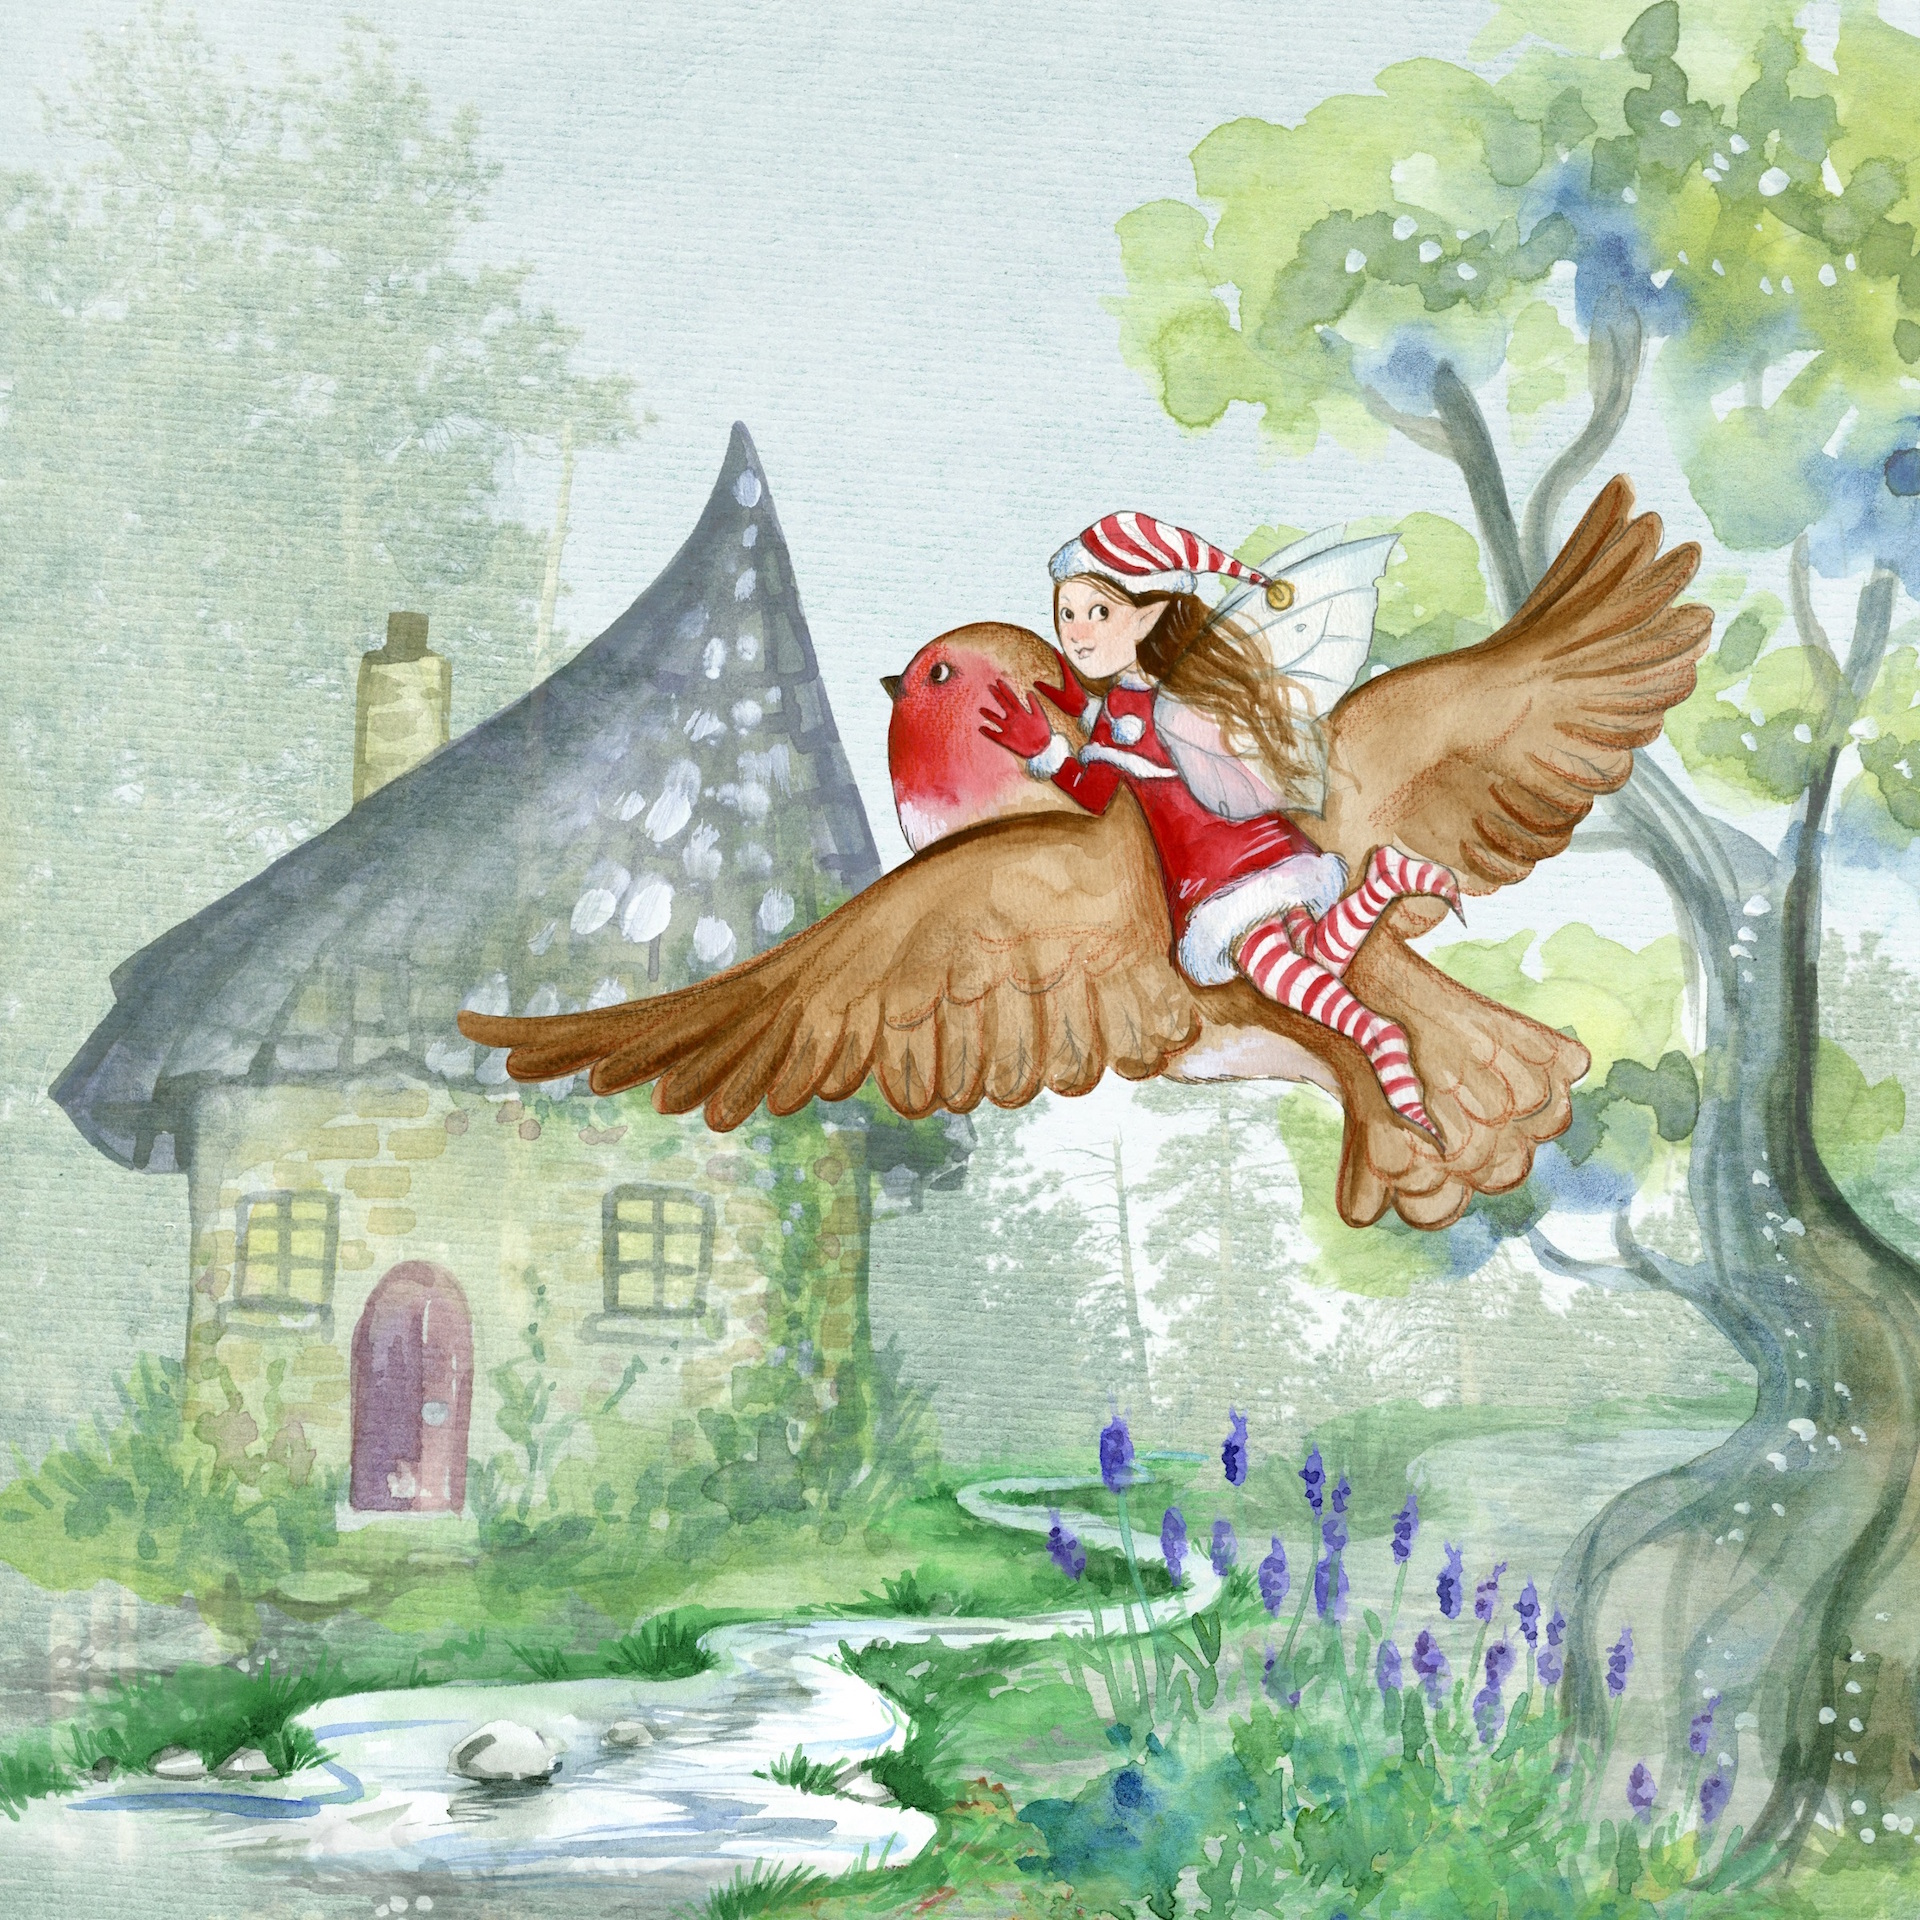 काल्पनिक, कथा, लड़की, पक्षी, रहस्य - HD वॉलपेपर - प्रोफेसर-falken.com